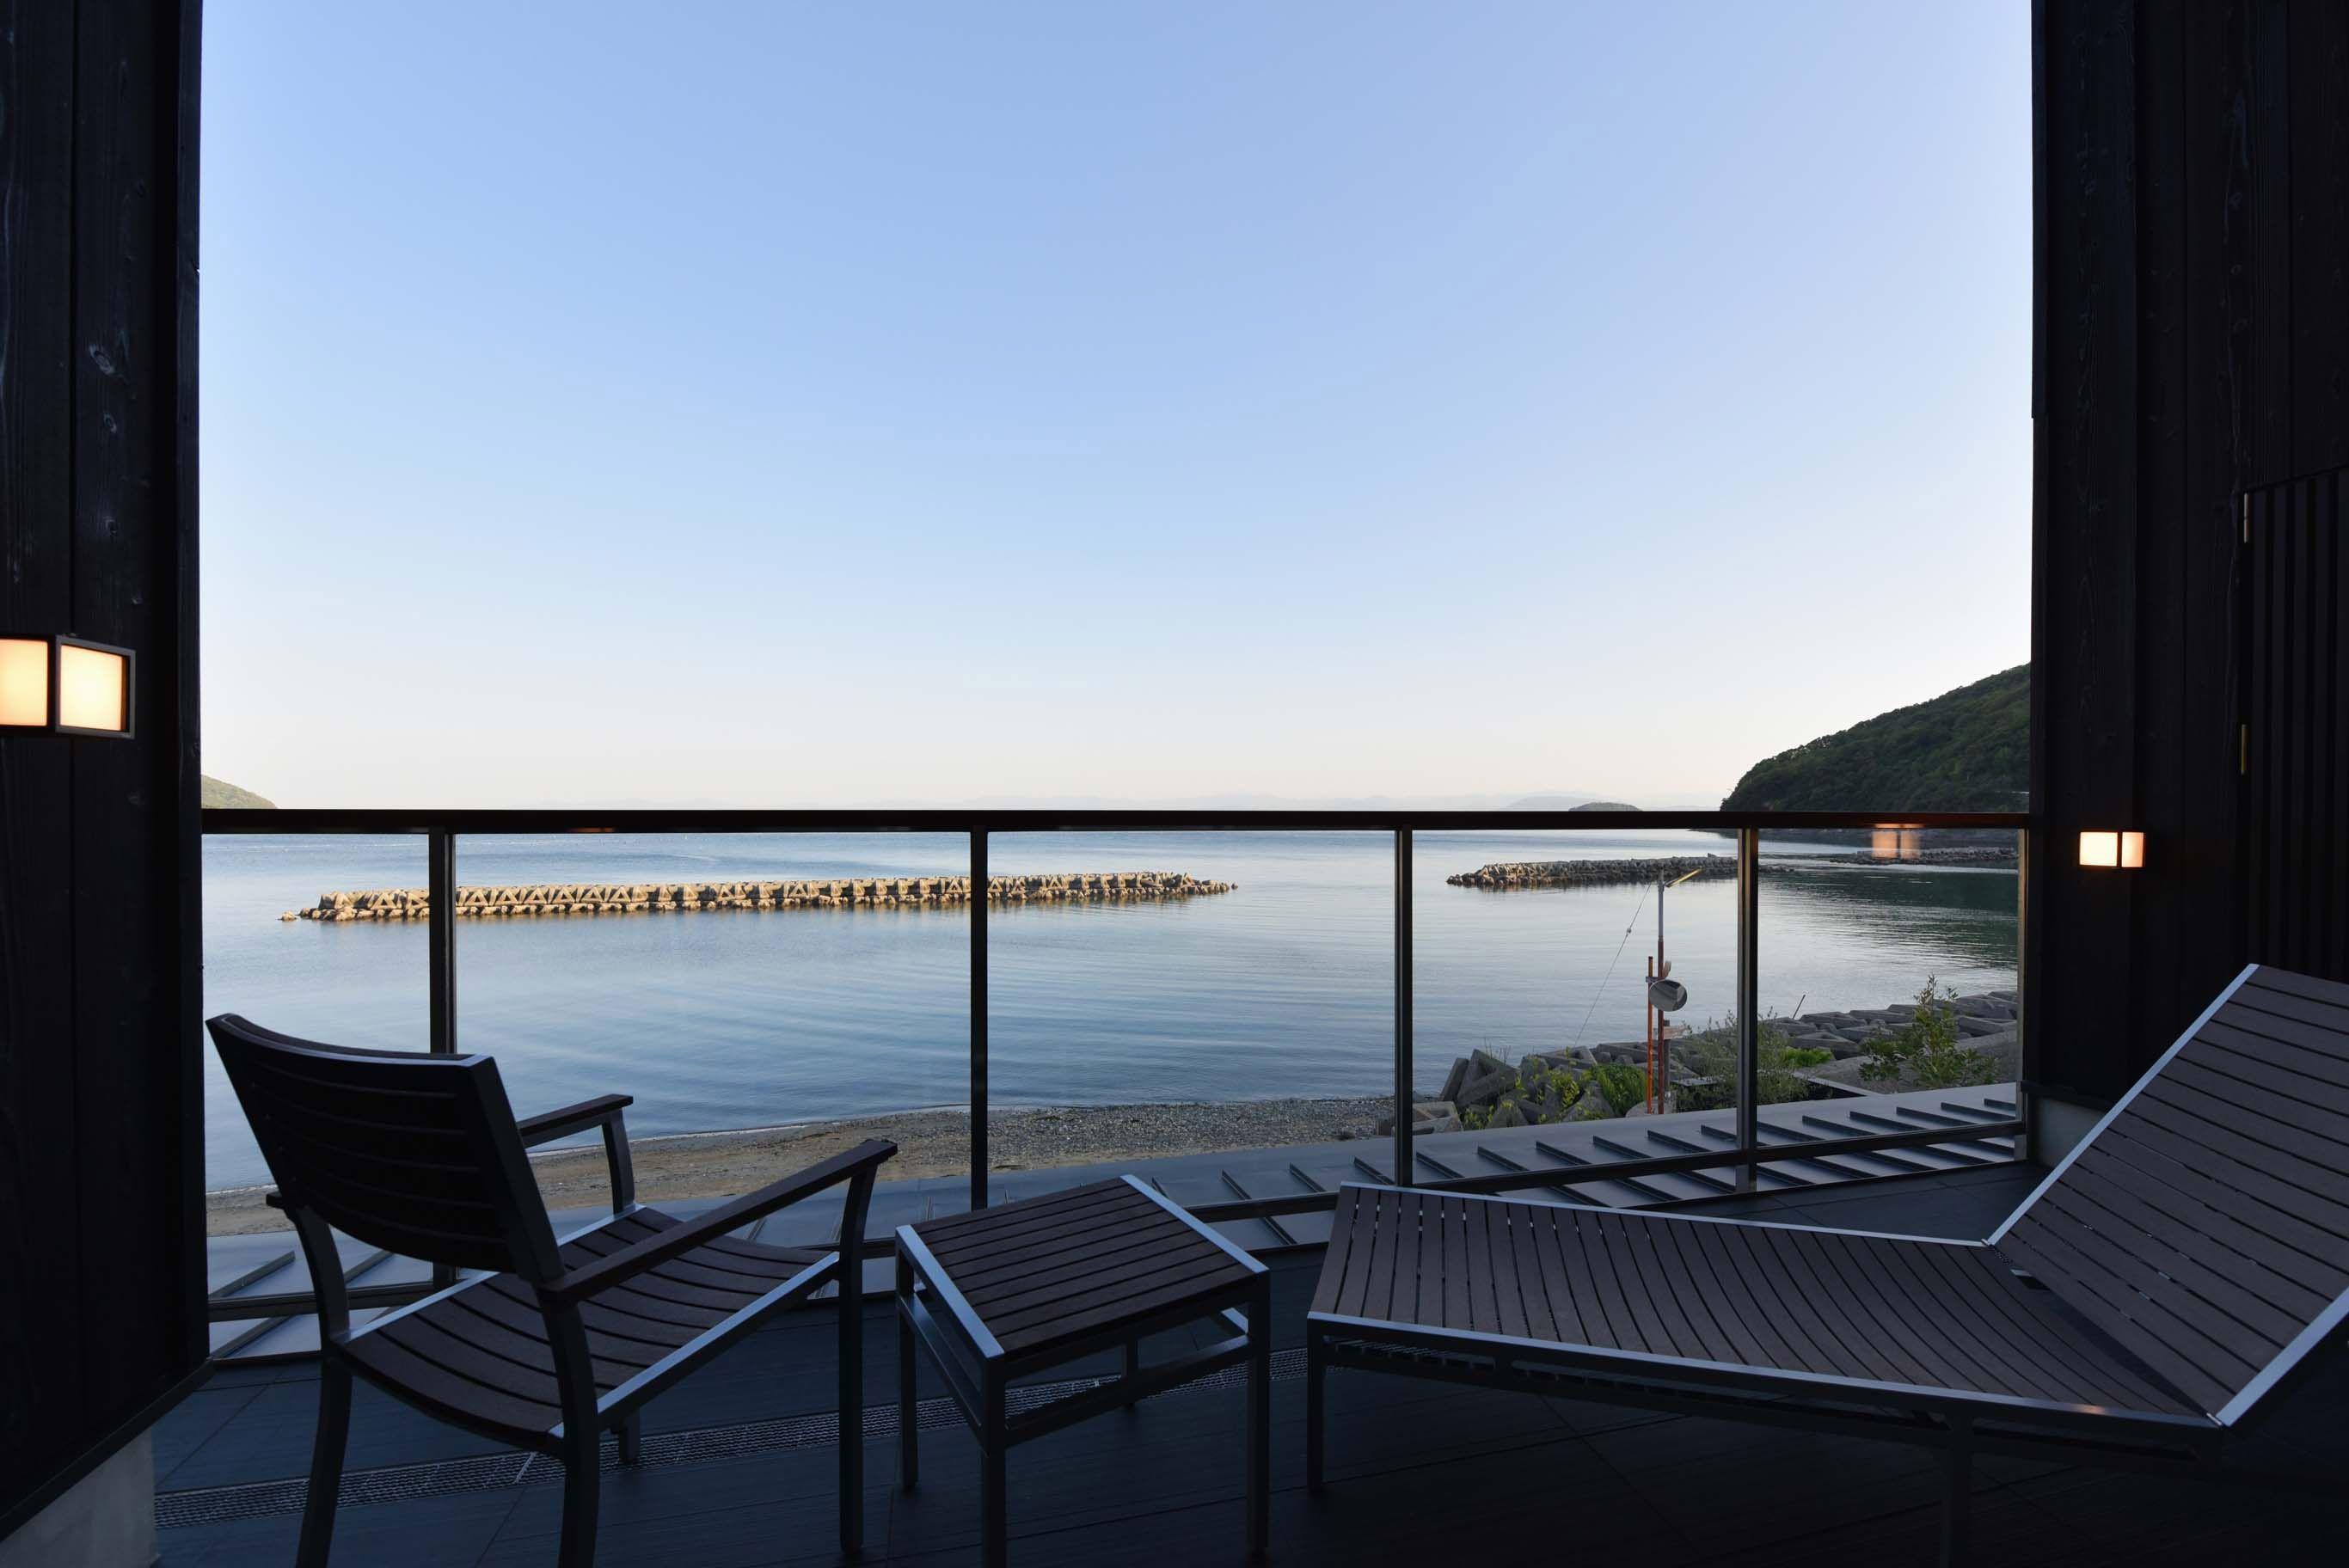 田ノ浦半島の海辺にこの春オープンした宿「海音真理(うみおとまり)」の客室から望む風景。夕暮れ時の穏やかな光と瀬戸内海から吹く風に身をまかせる。